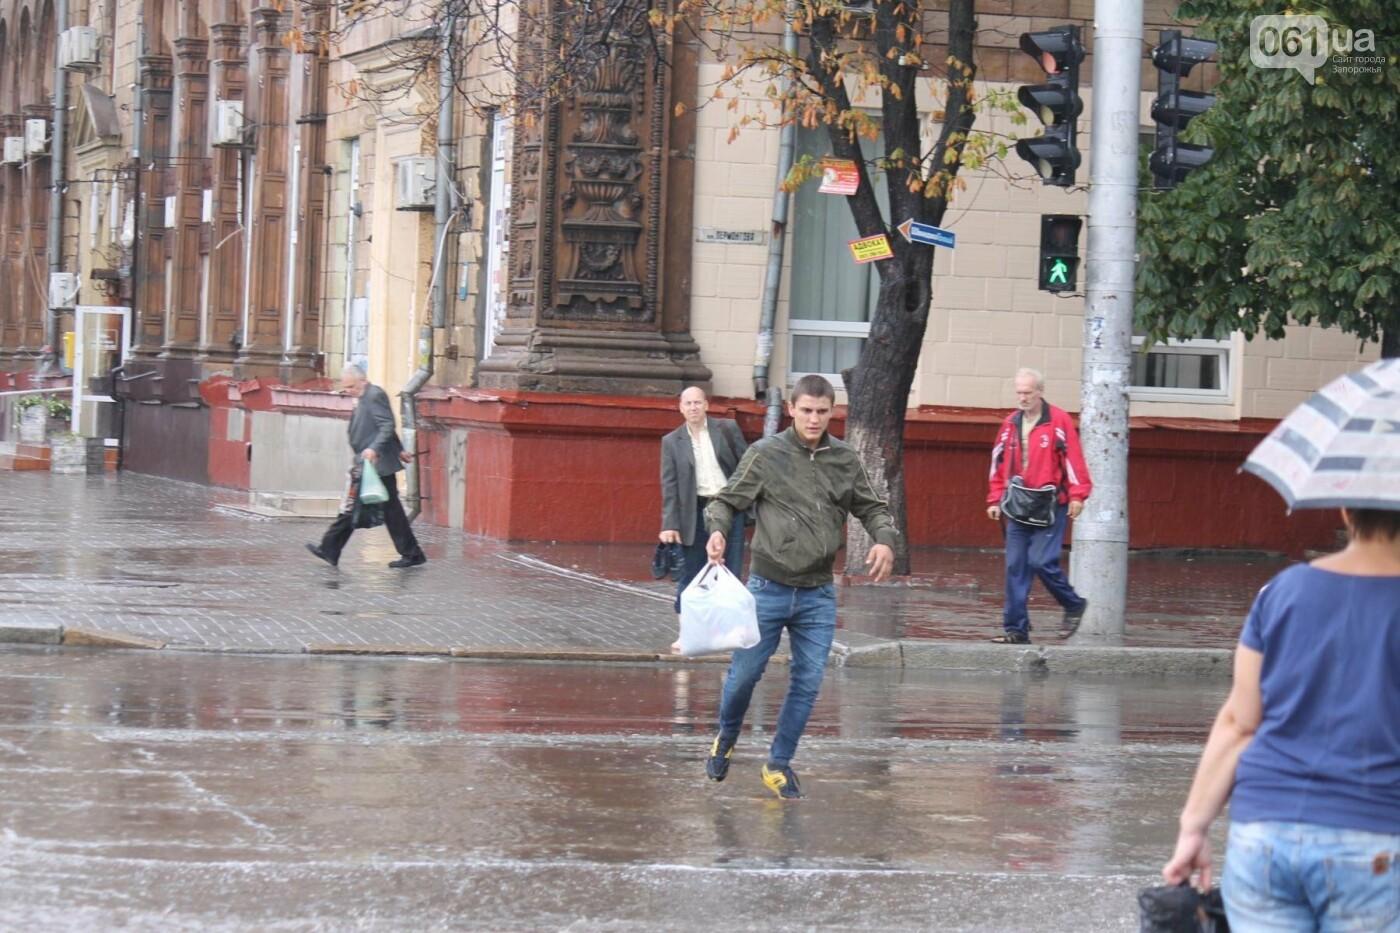 Запорожье накрыл мощный ливень: улицы затопило, люди насквозь промокли, – ФОТОРЕПОРТАЖ, фото-11